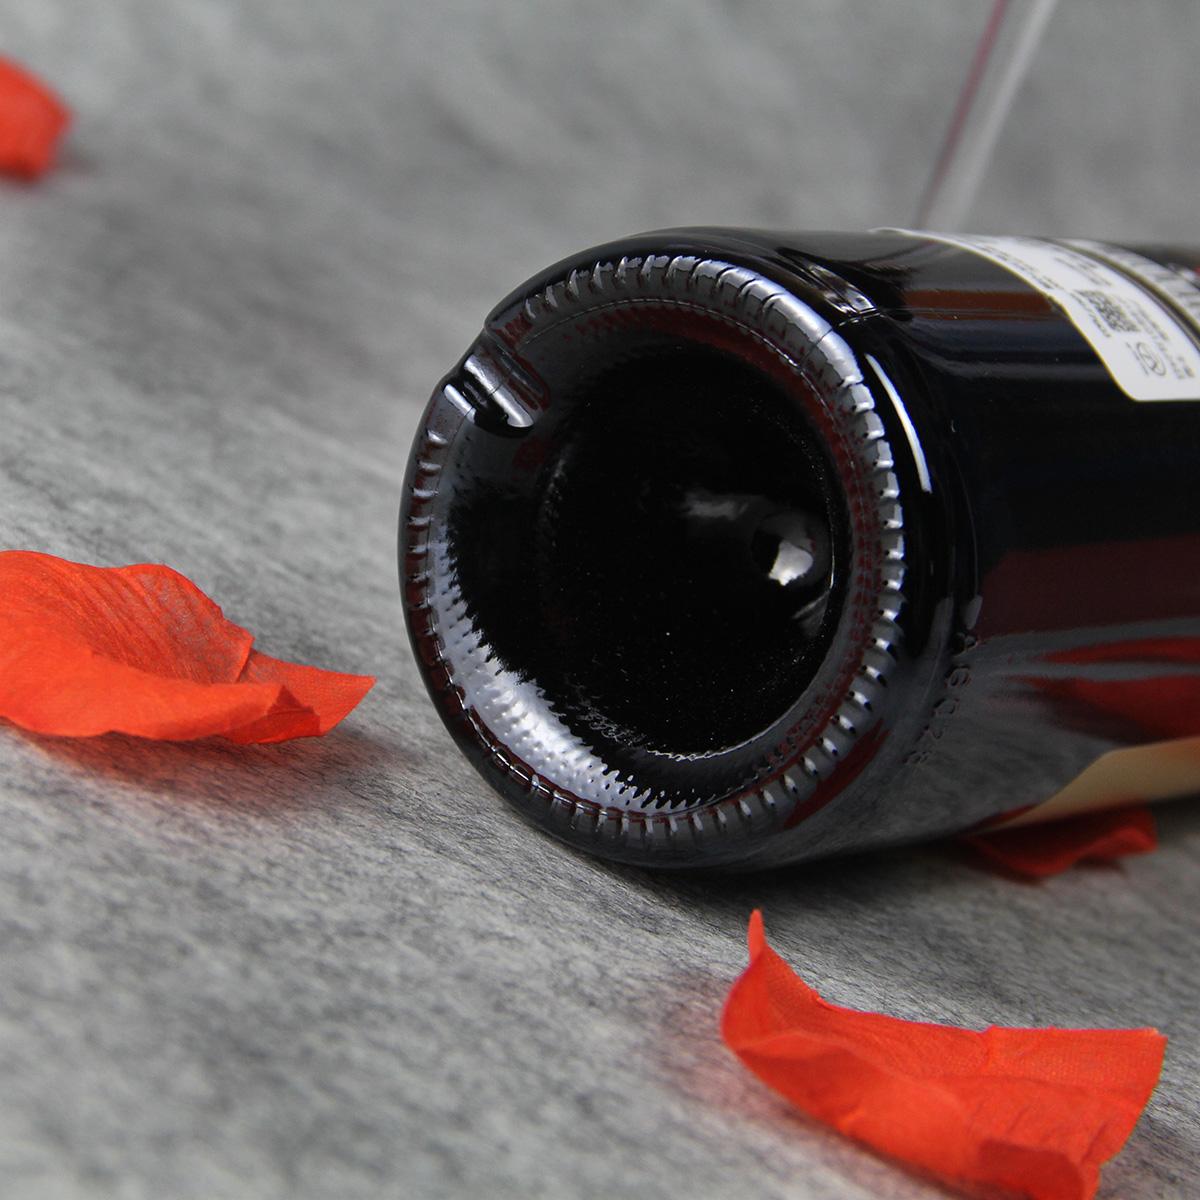 澳大利亚南澳酒满酒庄魅桀西拉黑桃7 精品干红葡萄酒